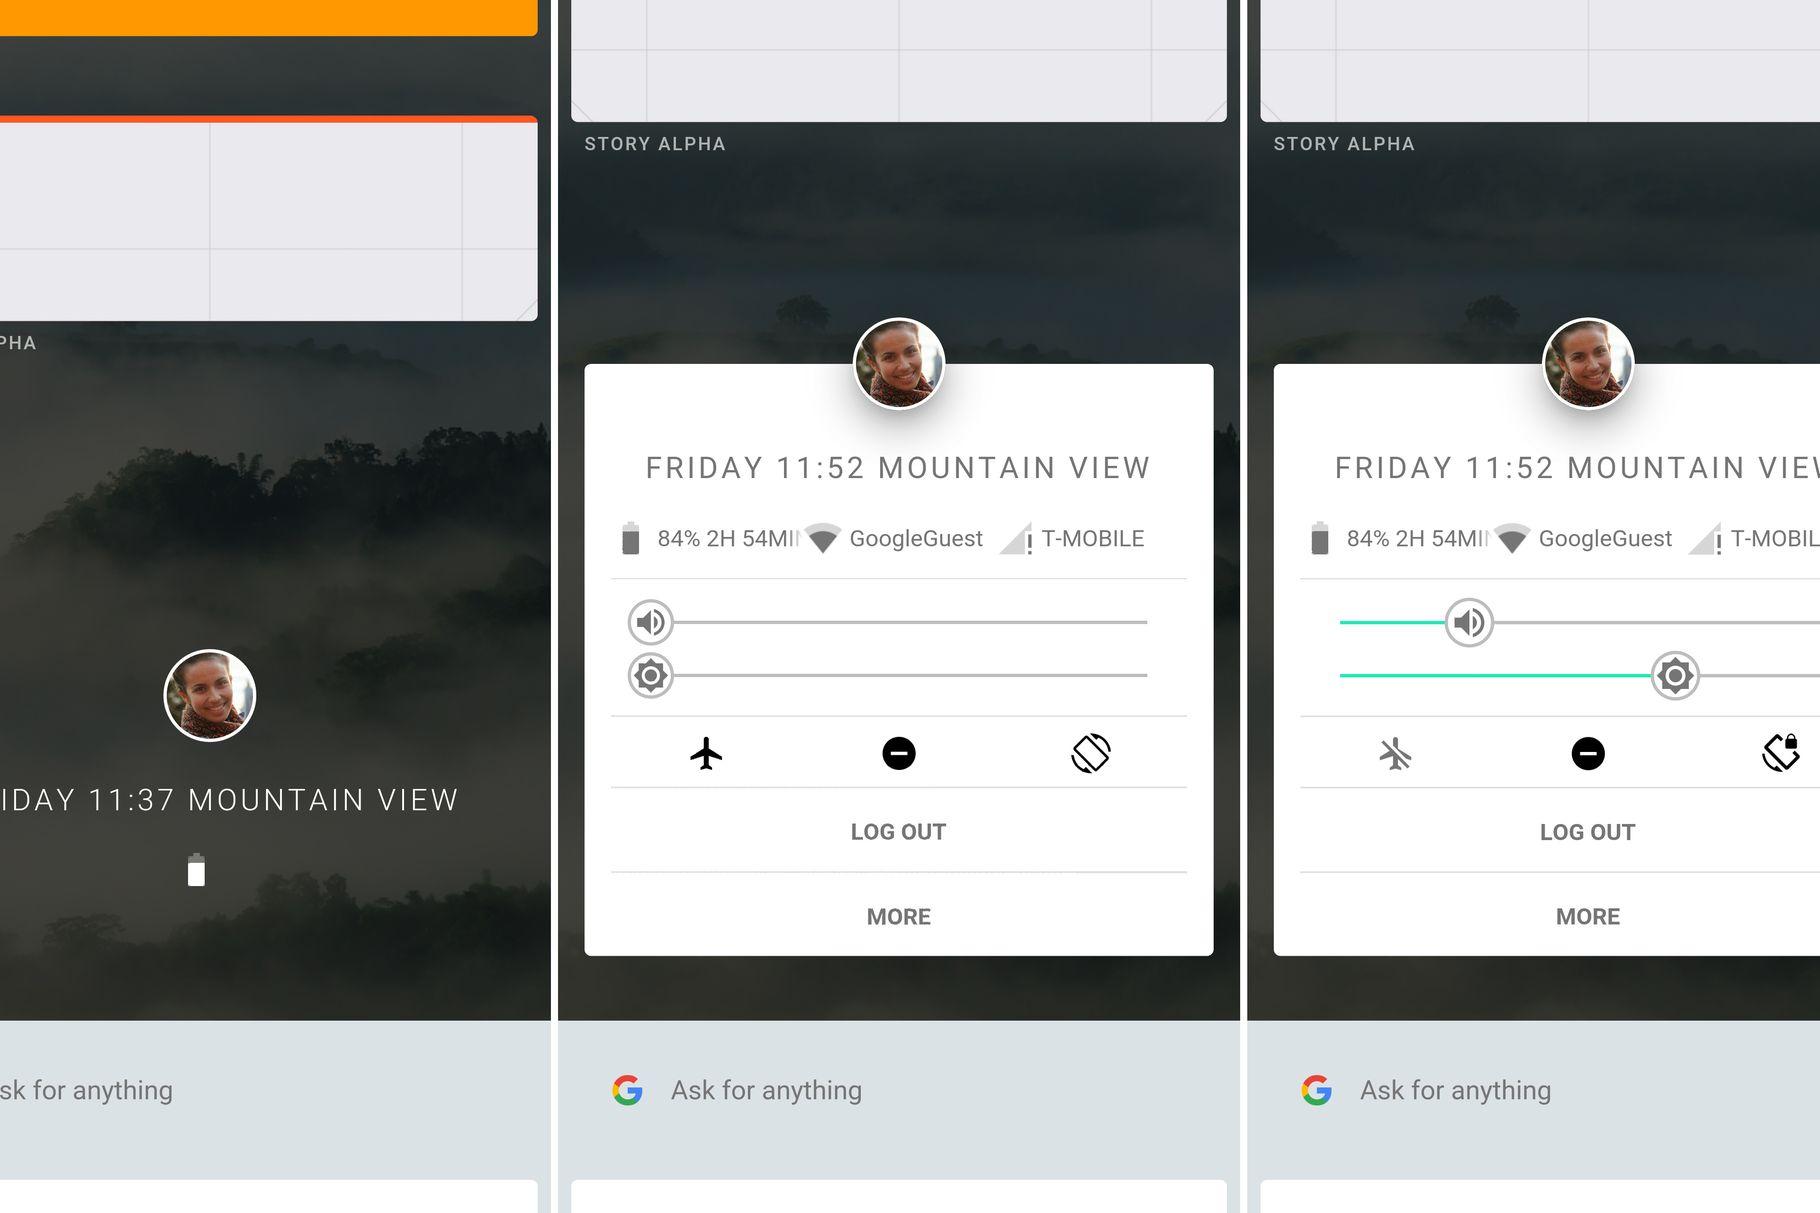 Таинственная операционная система Fuchsia от Google получила пользовательский интерфейс для смартфонов и планшетов